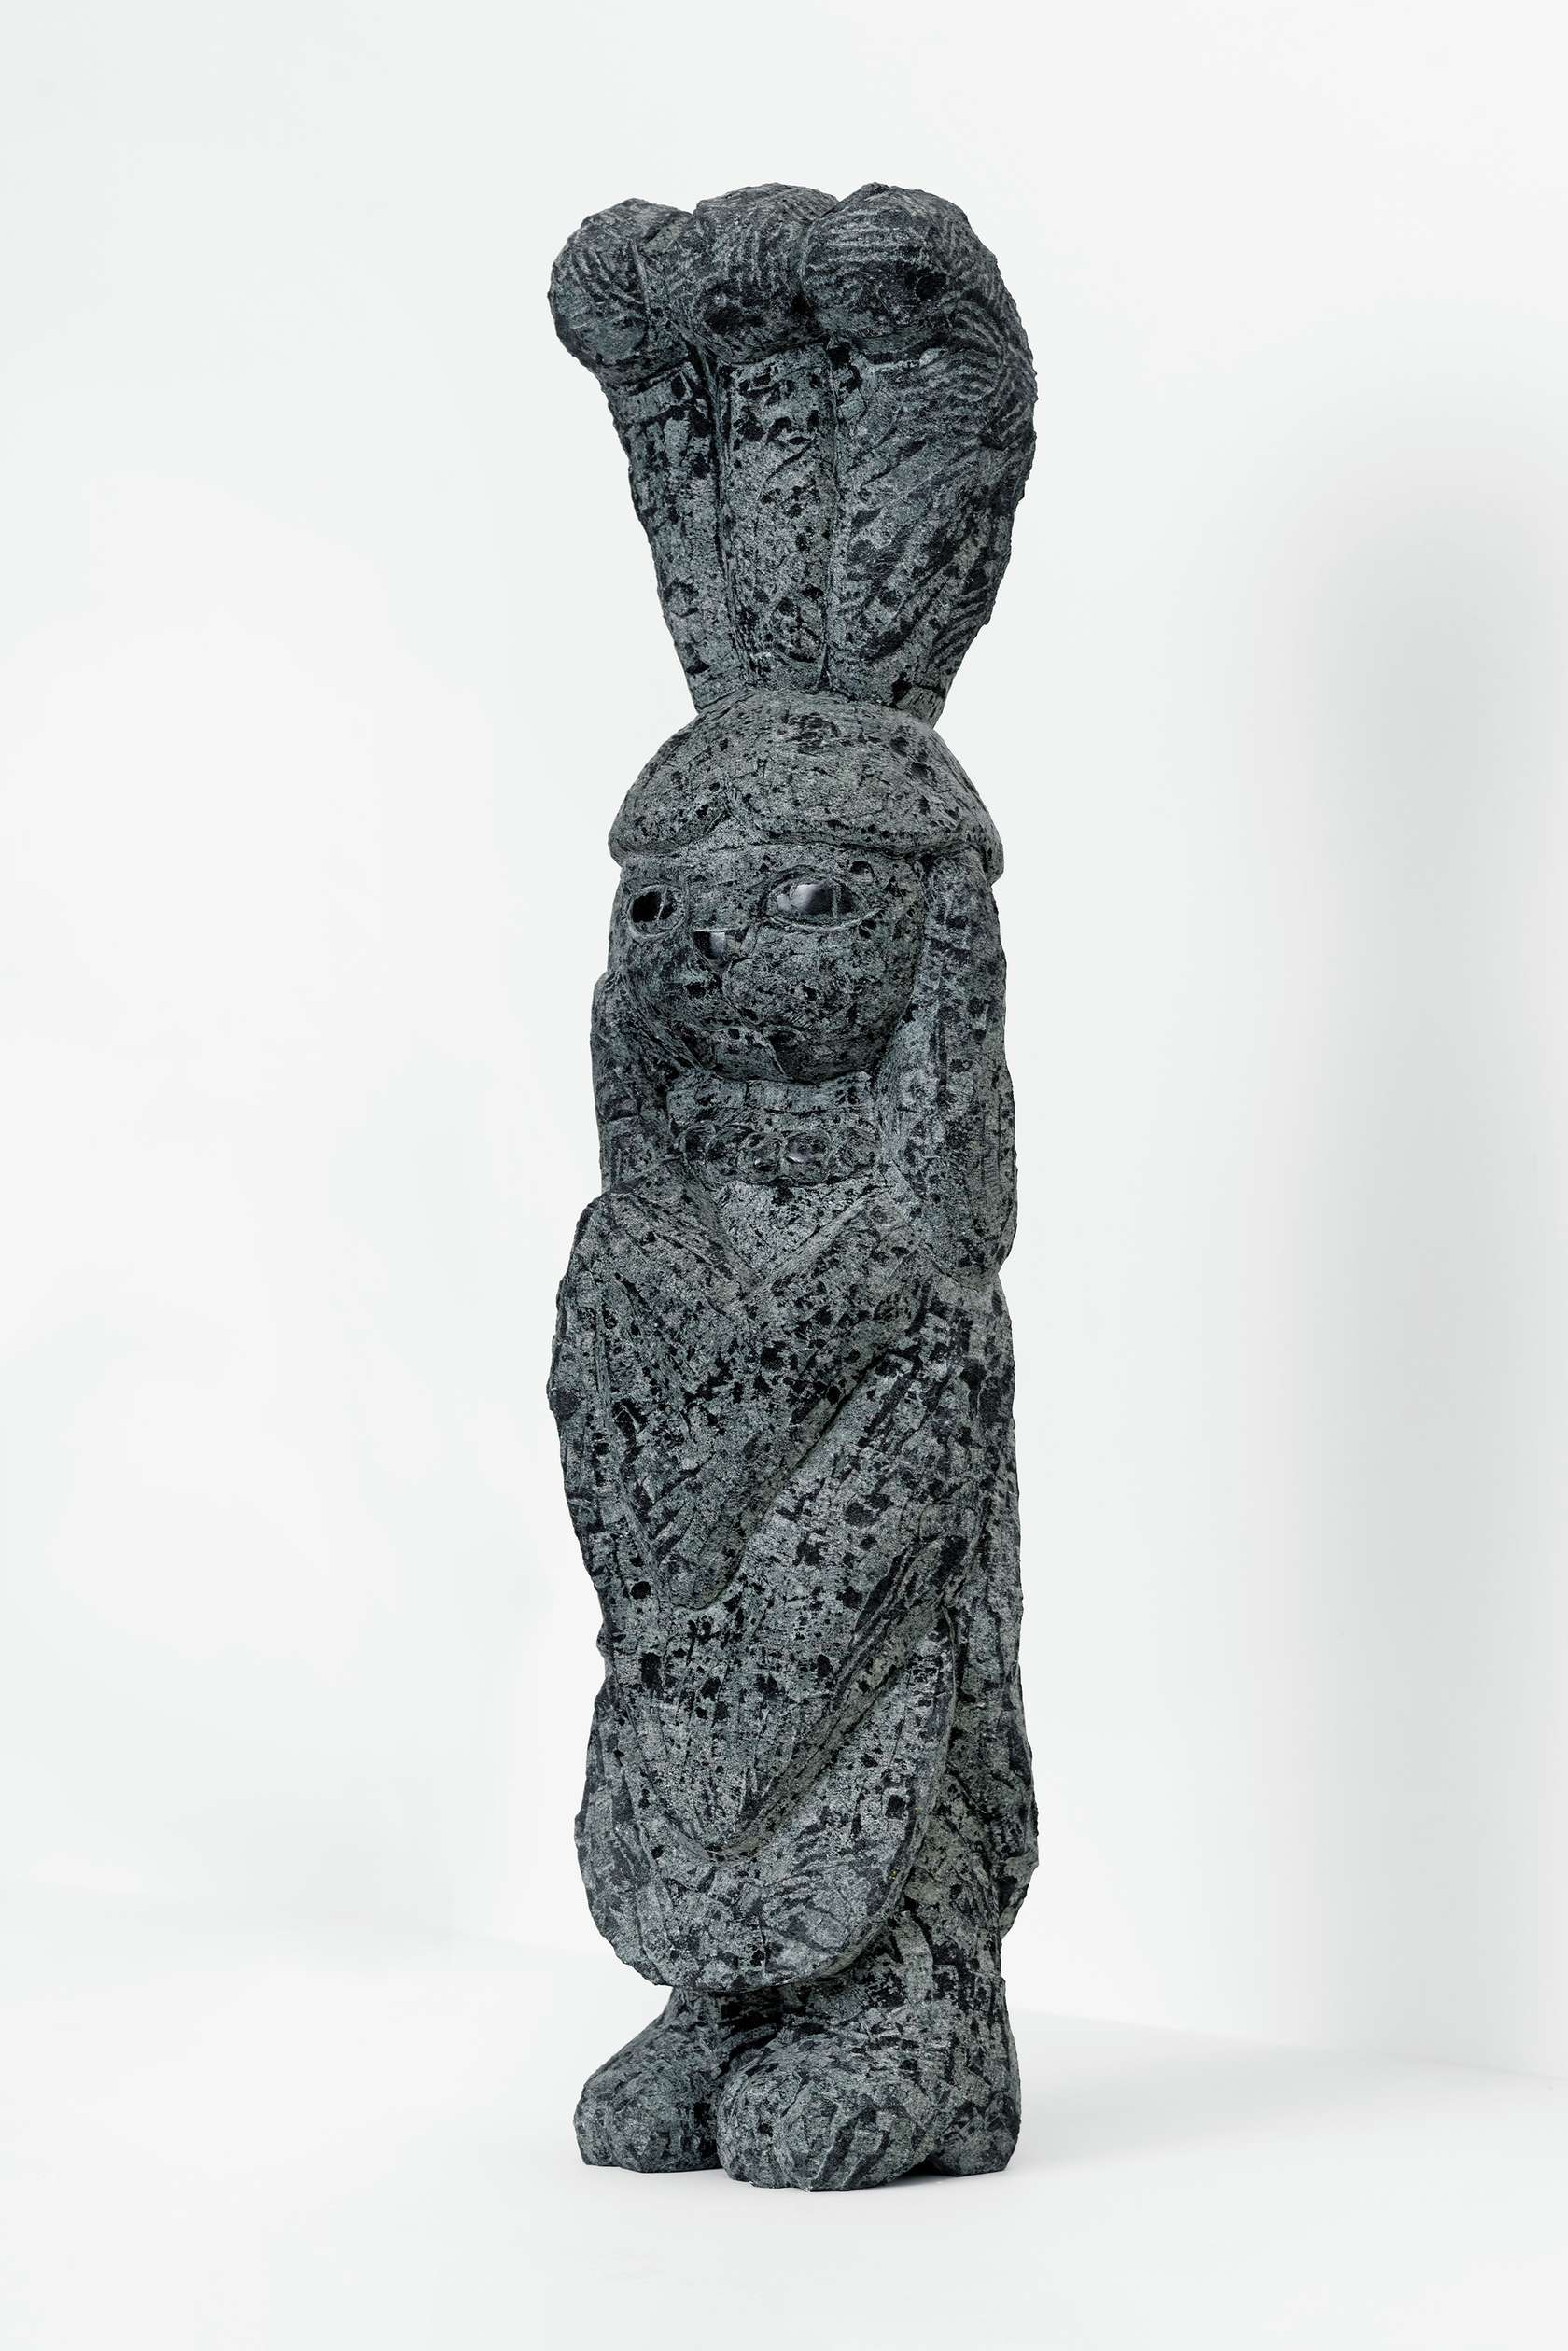 Stefan Rinck, Mistinguett, 2019 Diabase70 × 17 × 13 cm / 27 1/2 × 6 6/8 × 5 1/8 in.